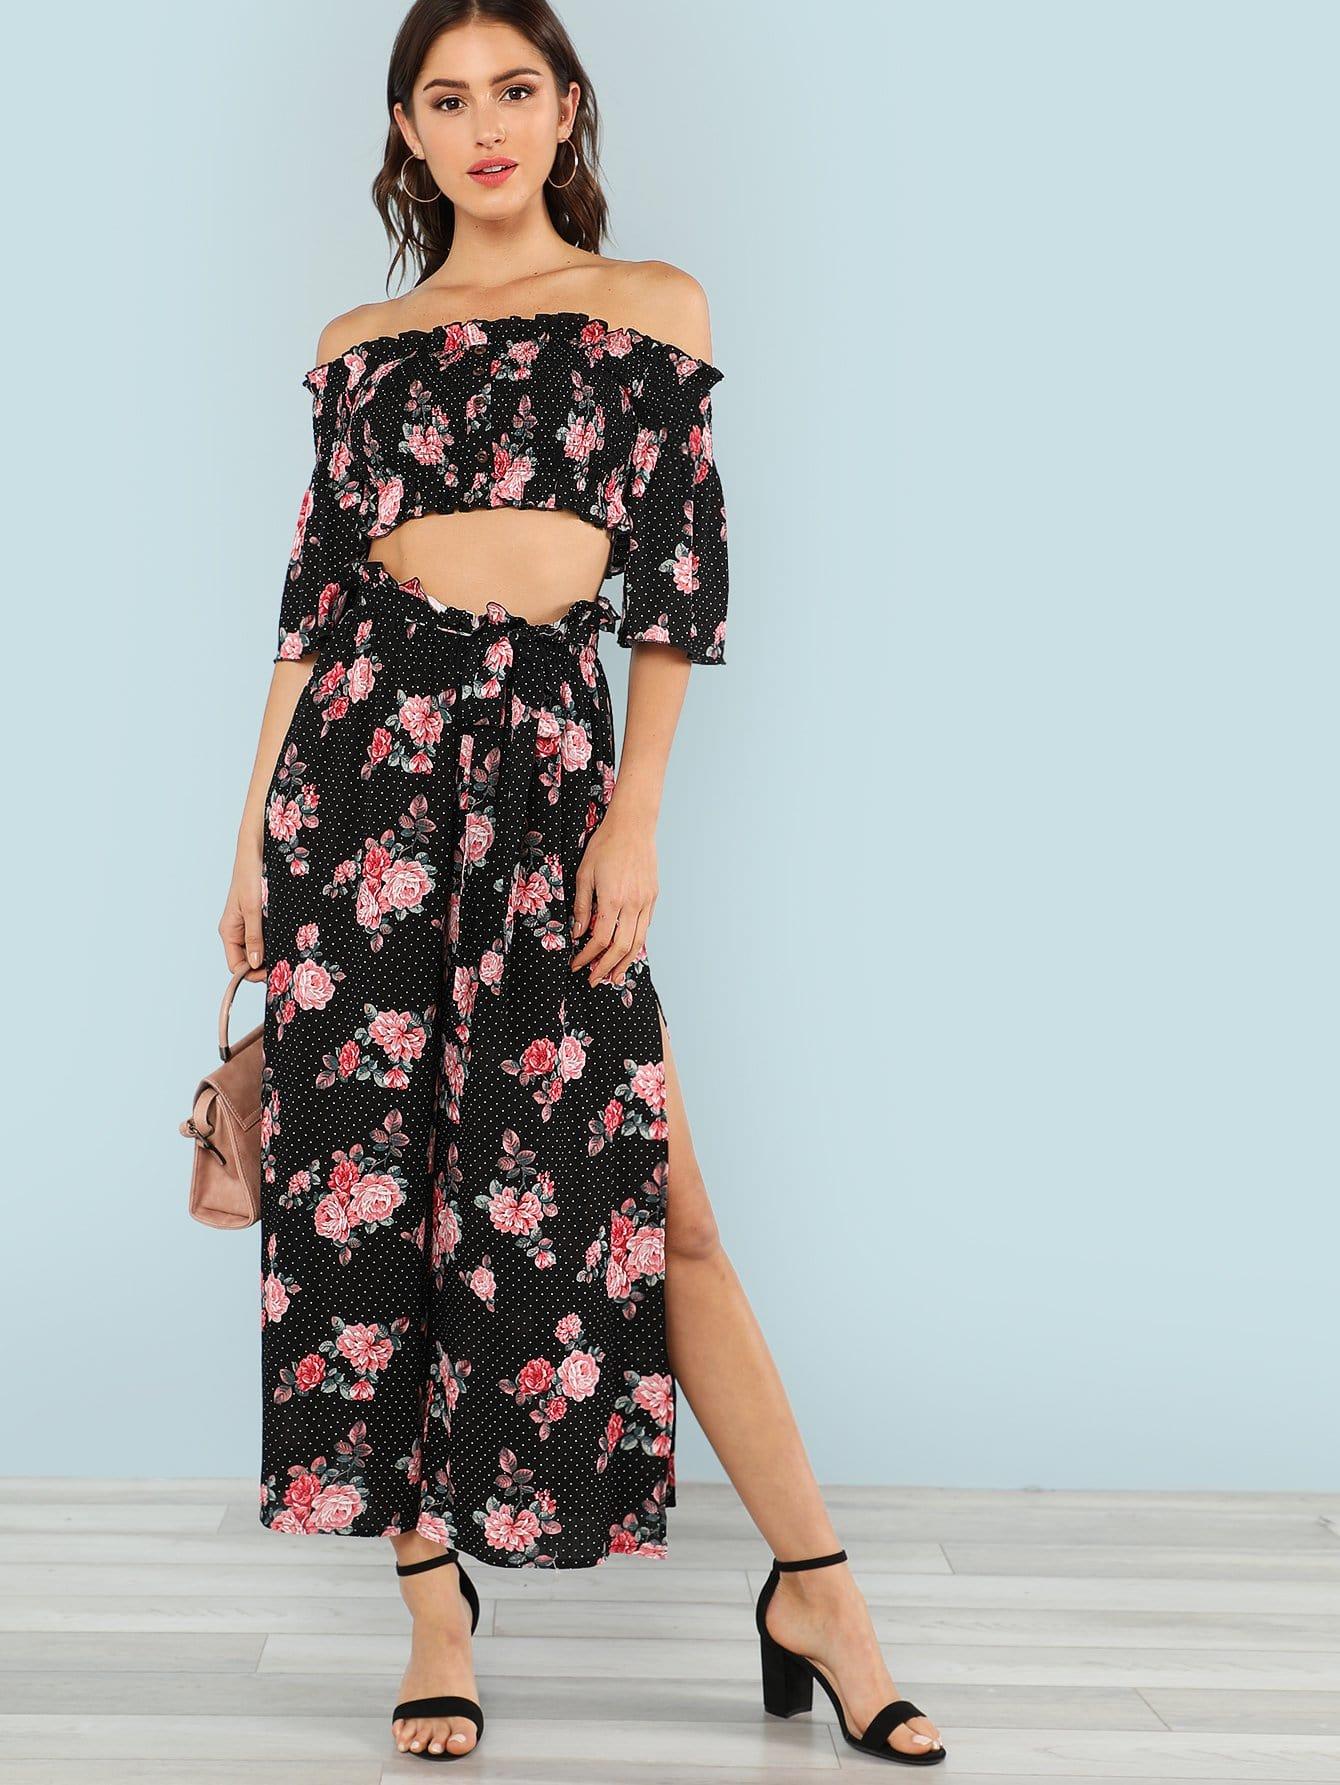 Flounce Sleeve Floral Bardot Top & Pants Set floral flounce bardot dress